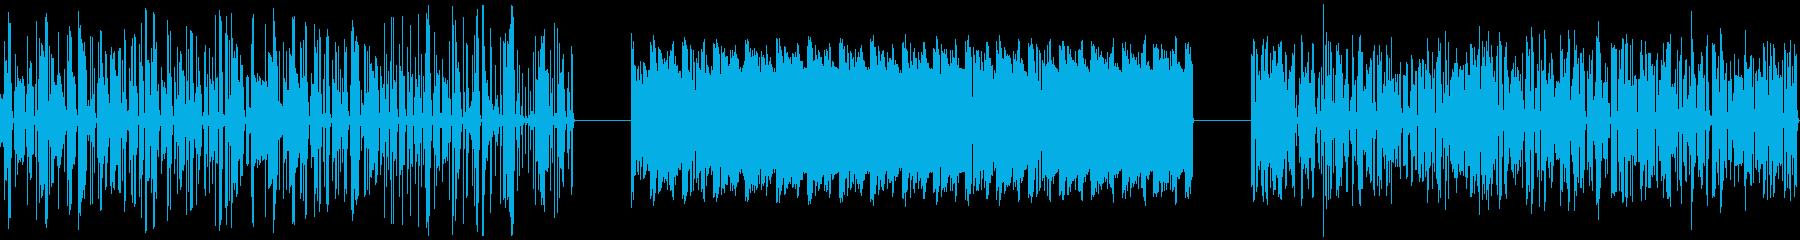 ランダムな周波数、サンプルとホール...の再生済みの波形